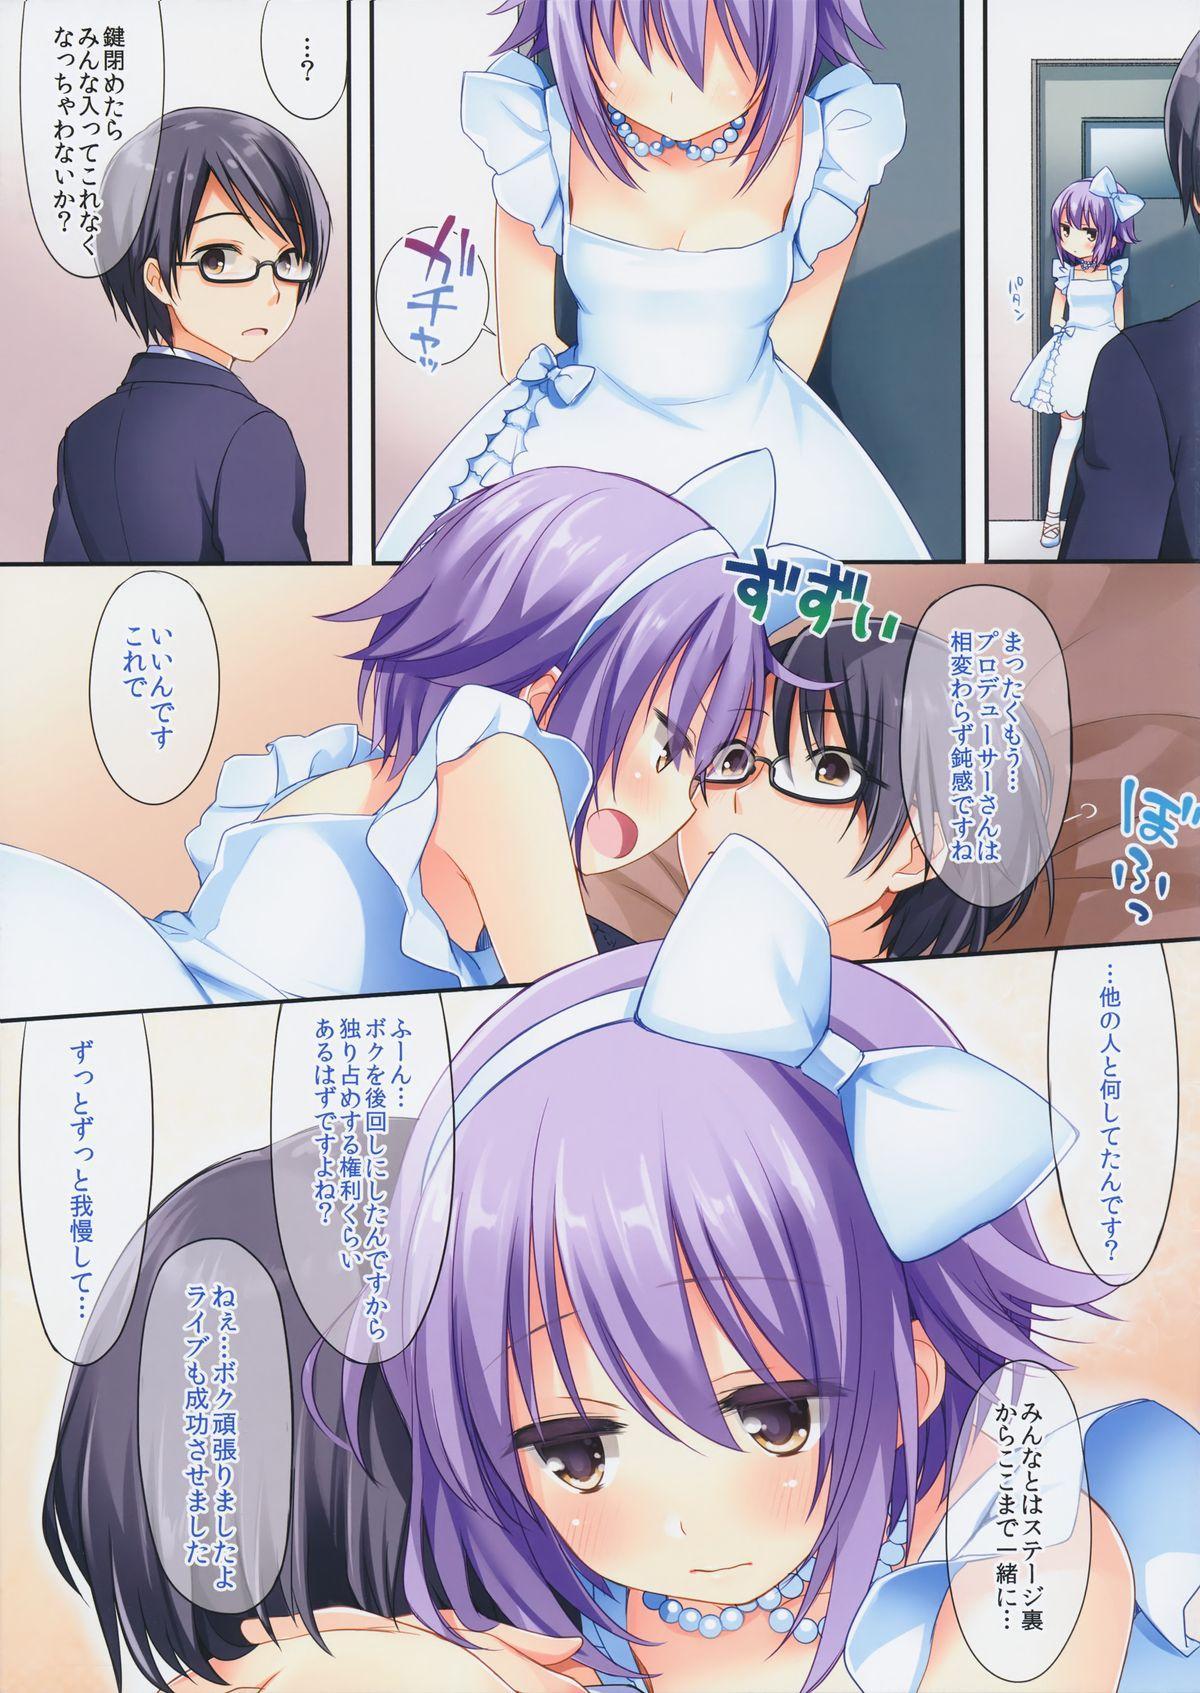 Itsu datte Boku ga Ichiban desu! 2